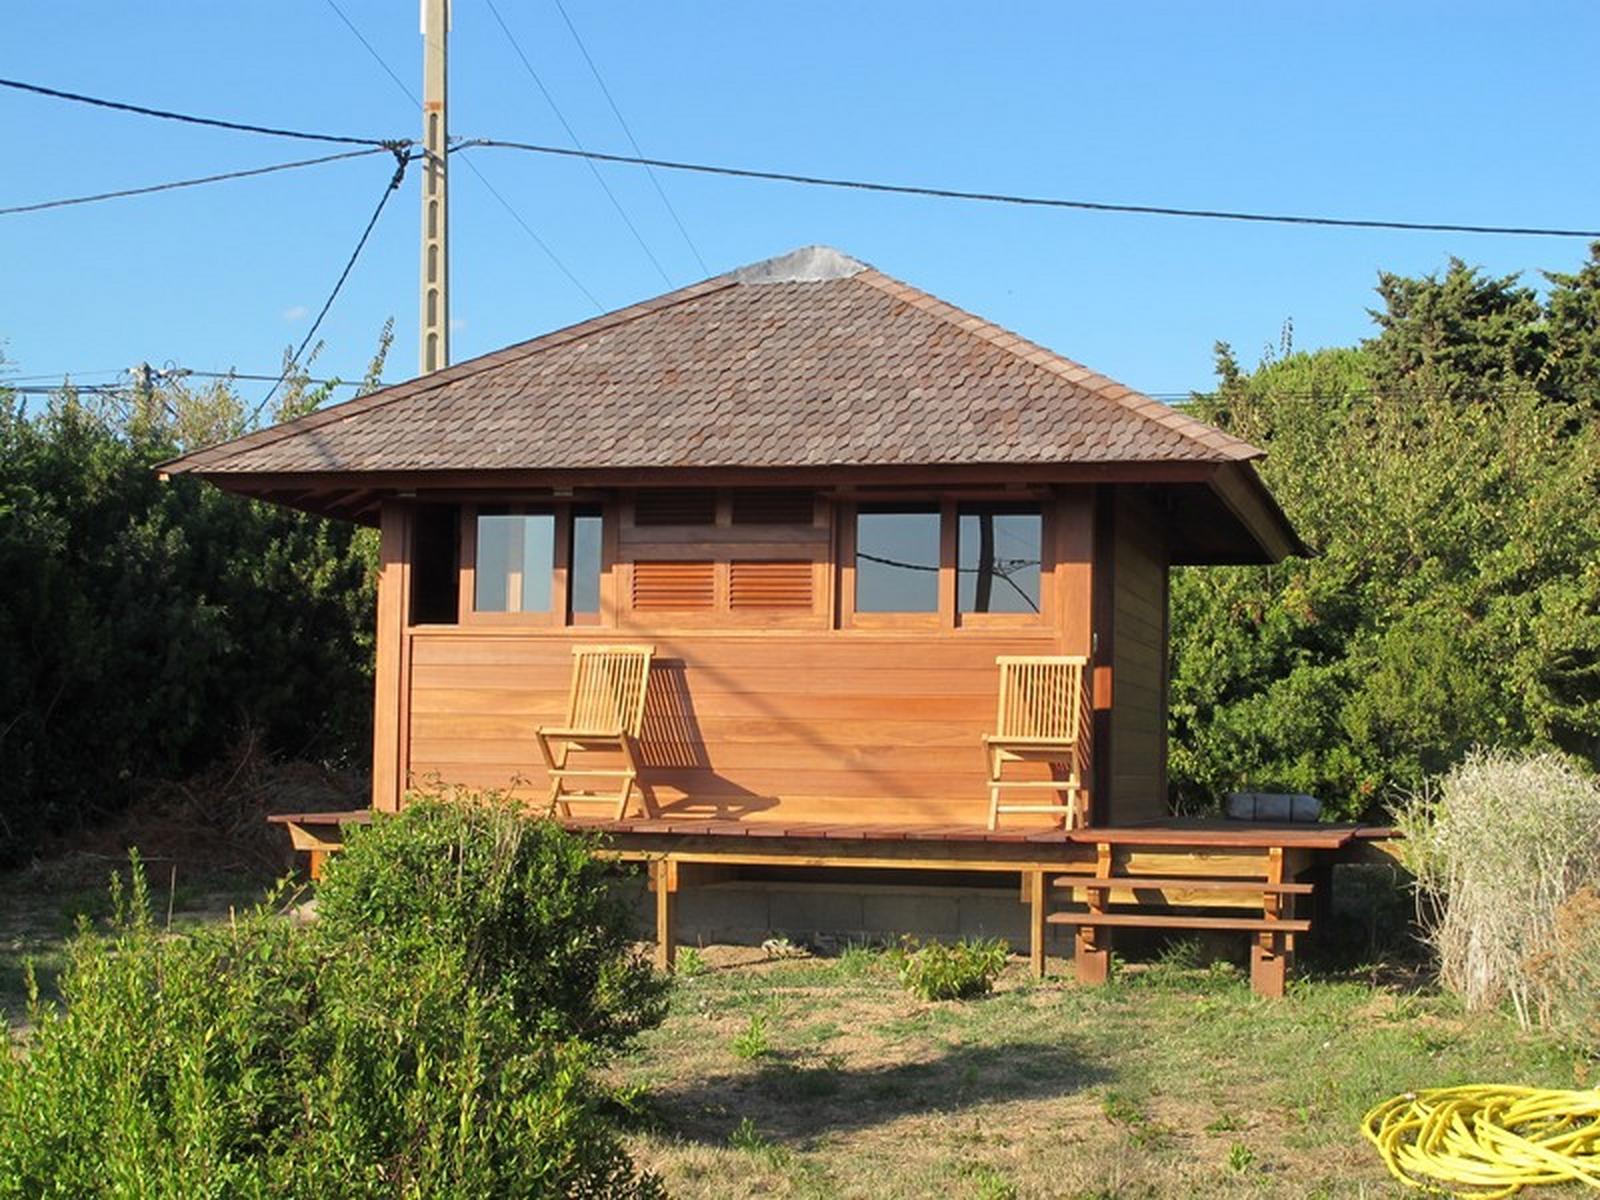 Cottage-Bungalows Pavillons Bois En Kit Avec Mobiteck ... concernant Bungalow Bois En Kit